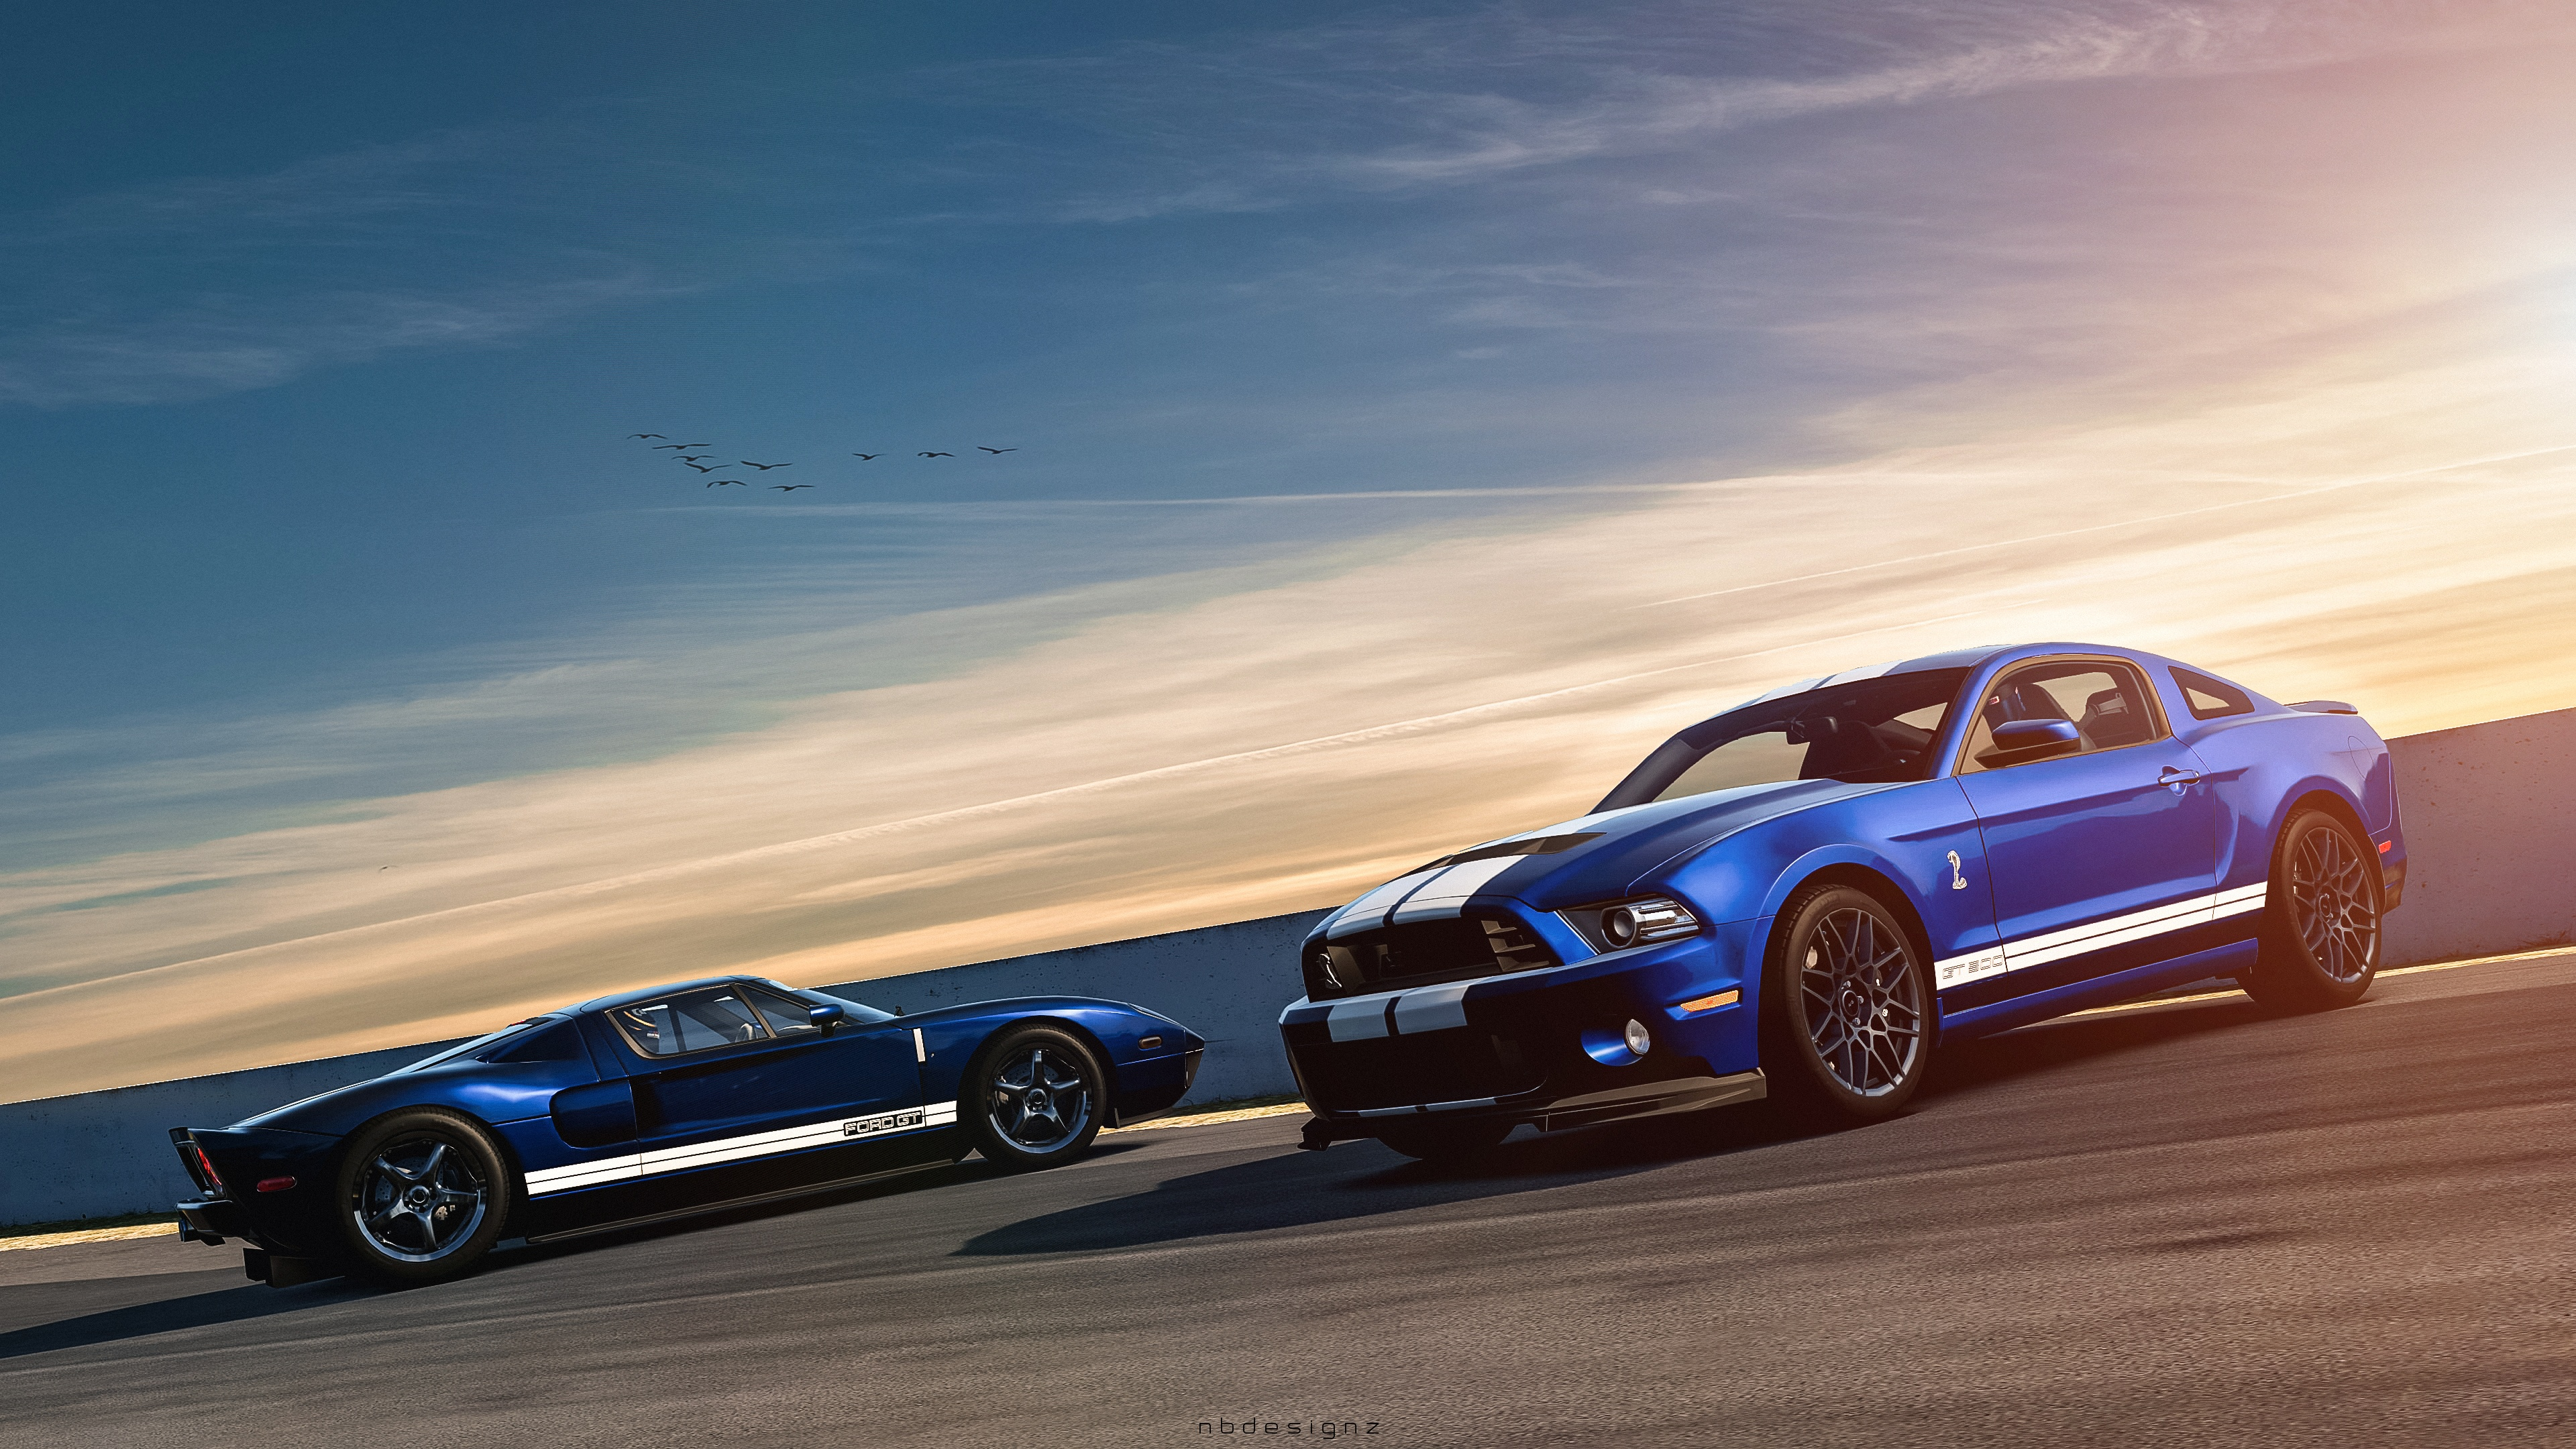 спортивный автомобиль Mustang Shelby GT500  № 2422122 без смс